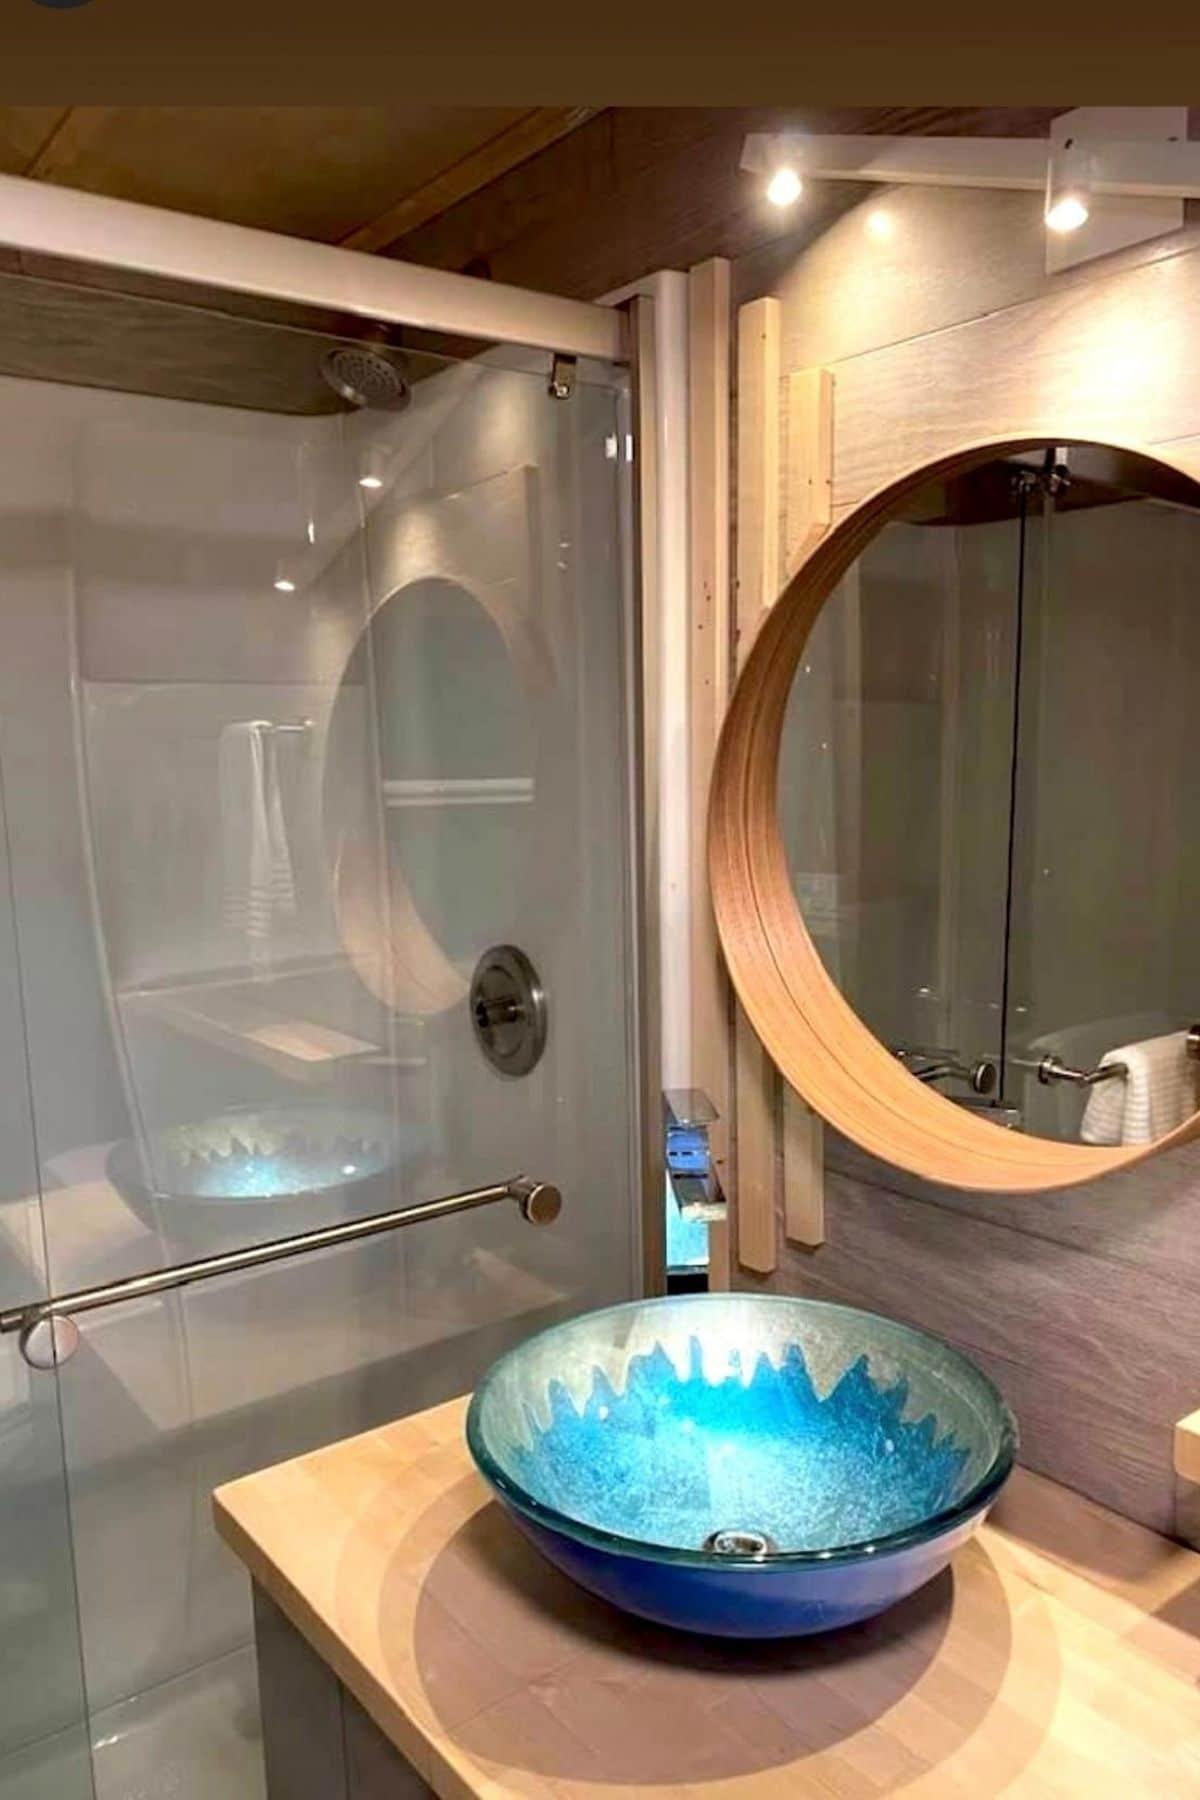 glass shower door next to blue bowl sink and round mirror